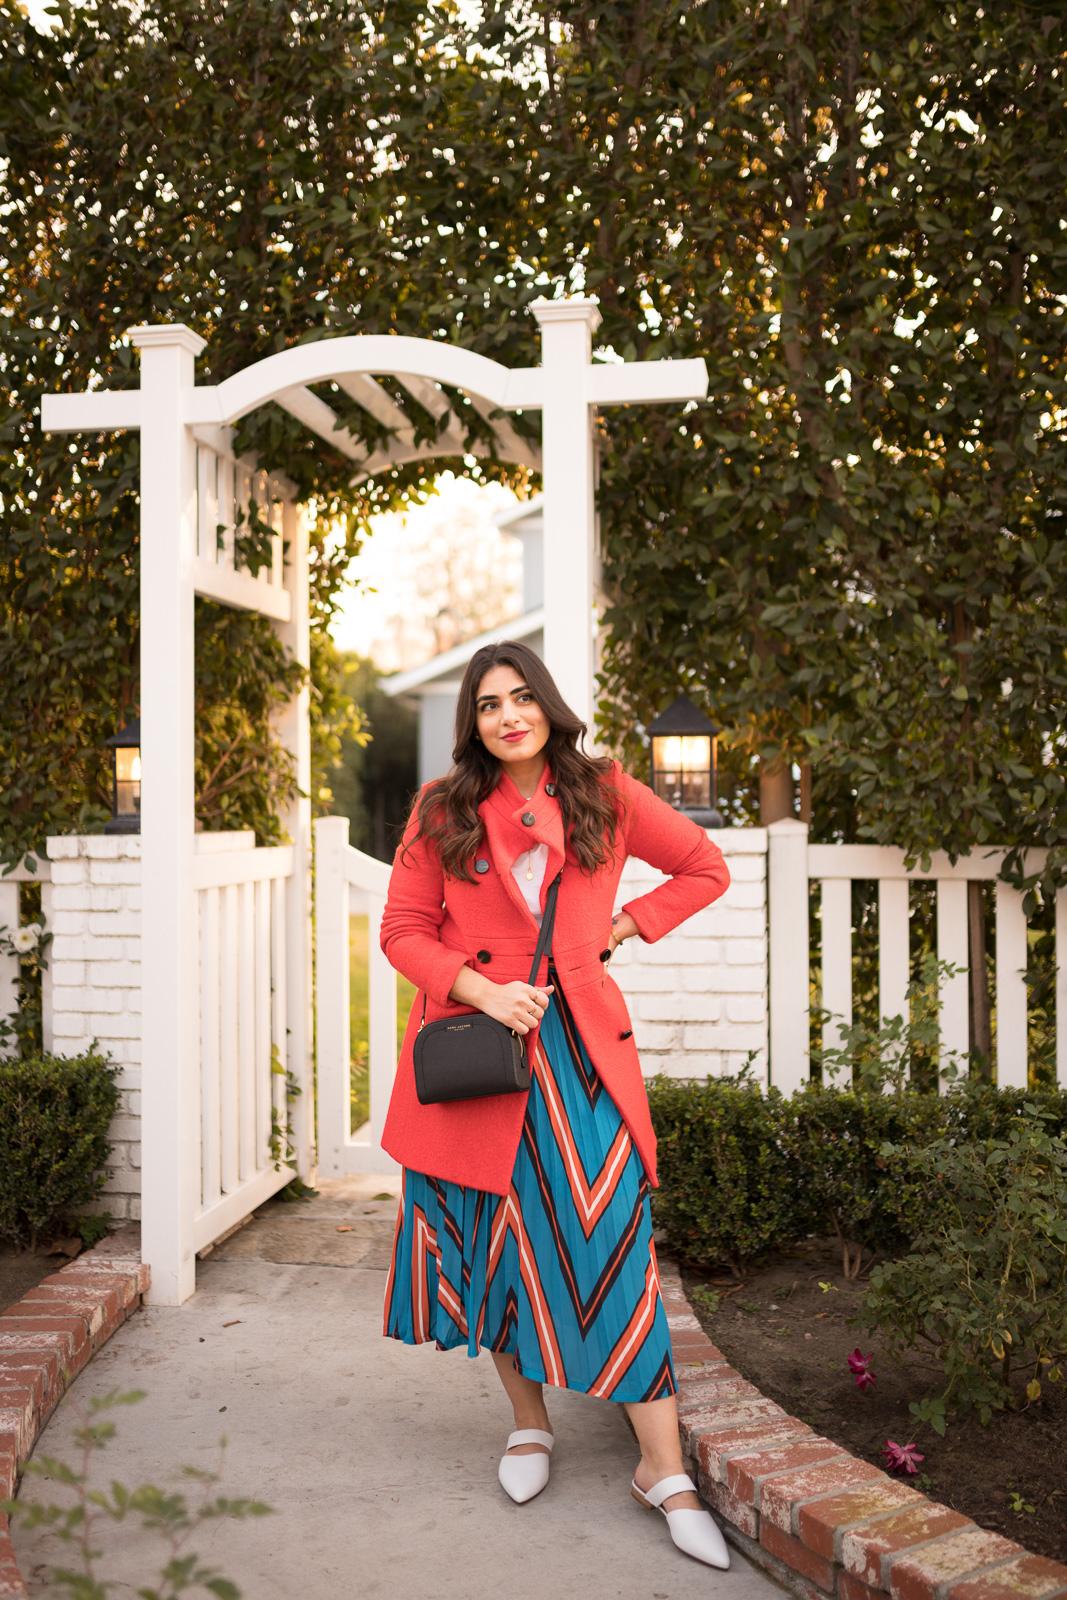 Chevron print midi skirt nordstrom rack with Red coat and White slides Nordstrom